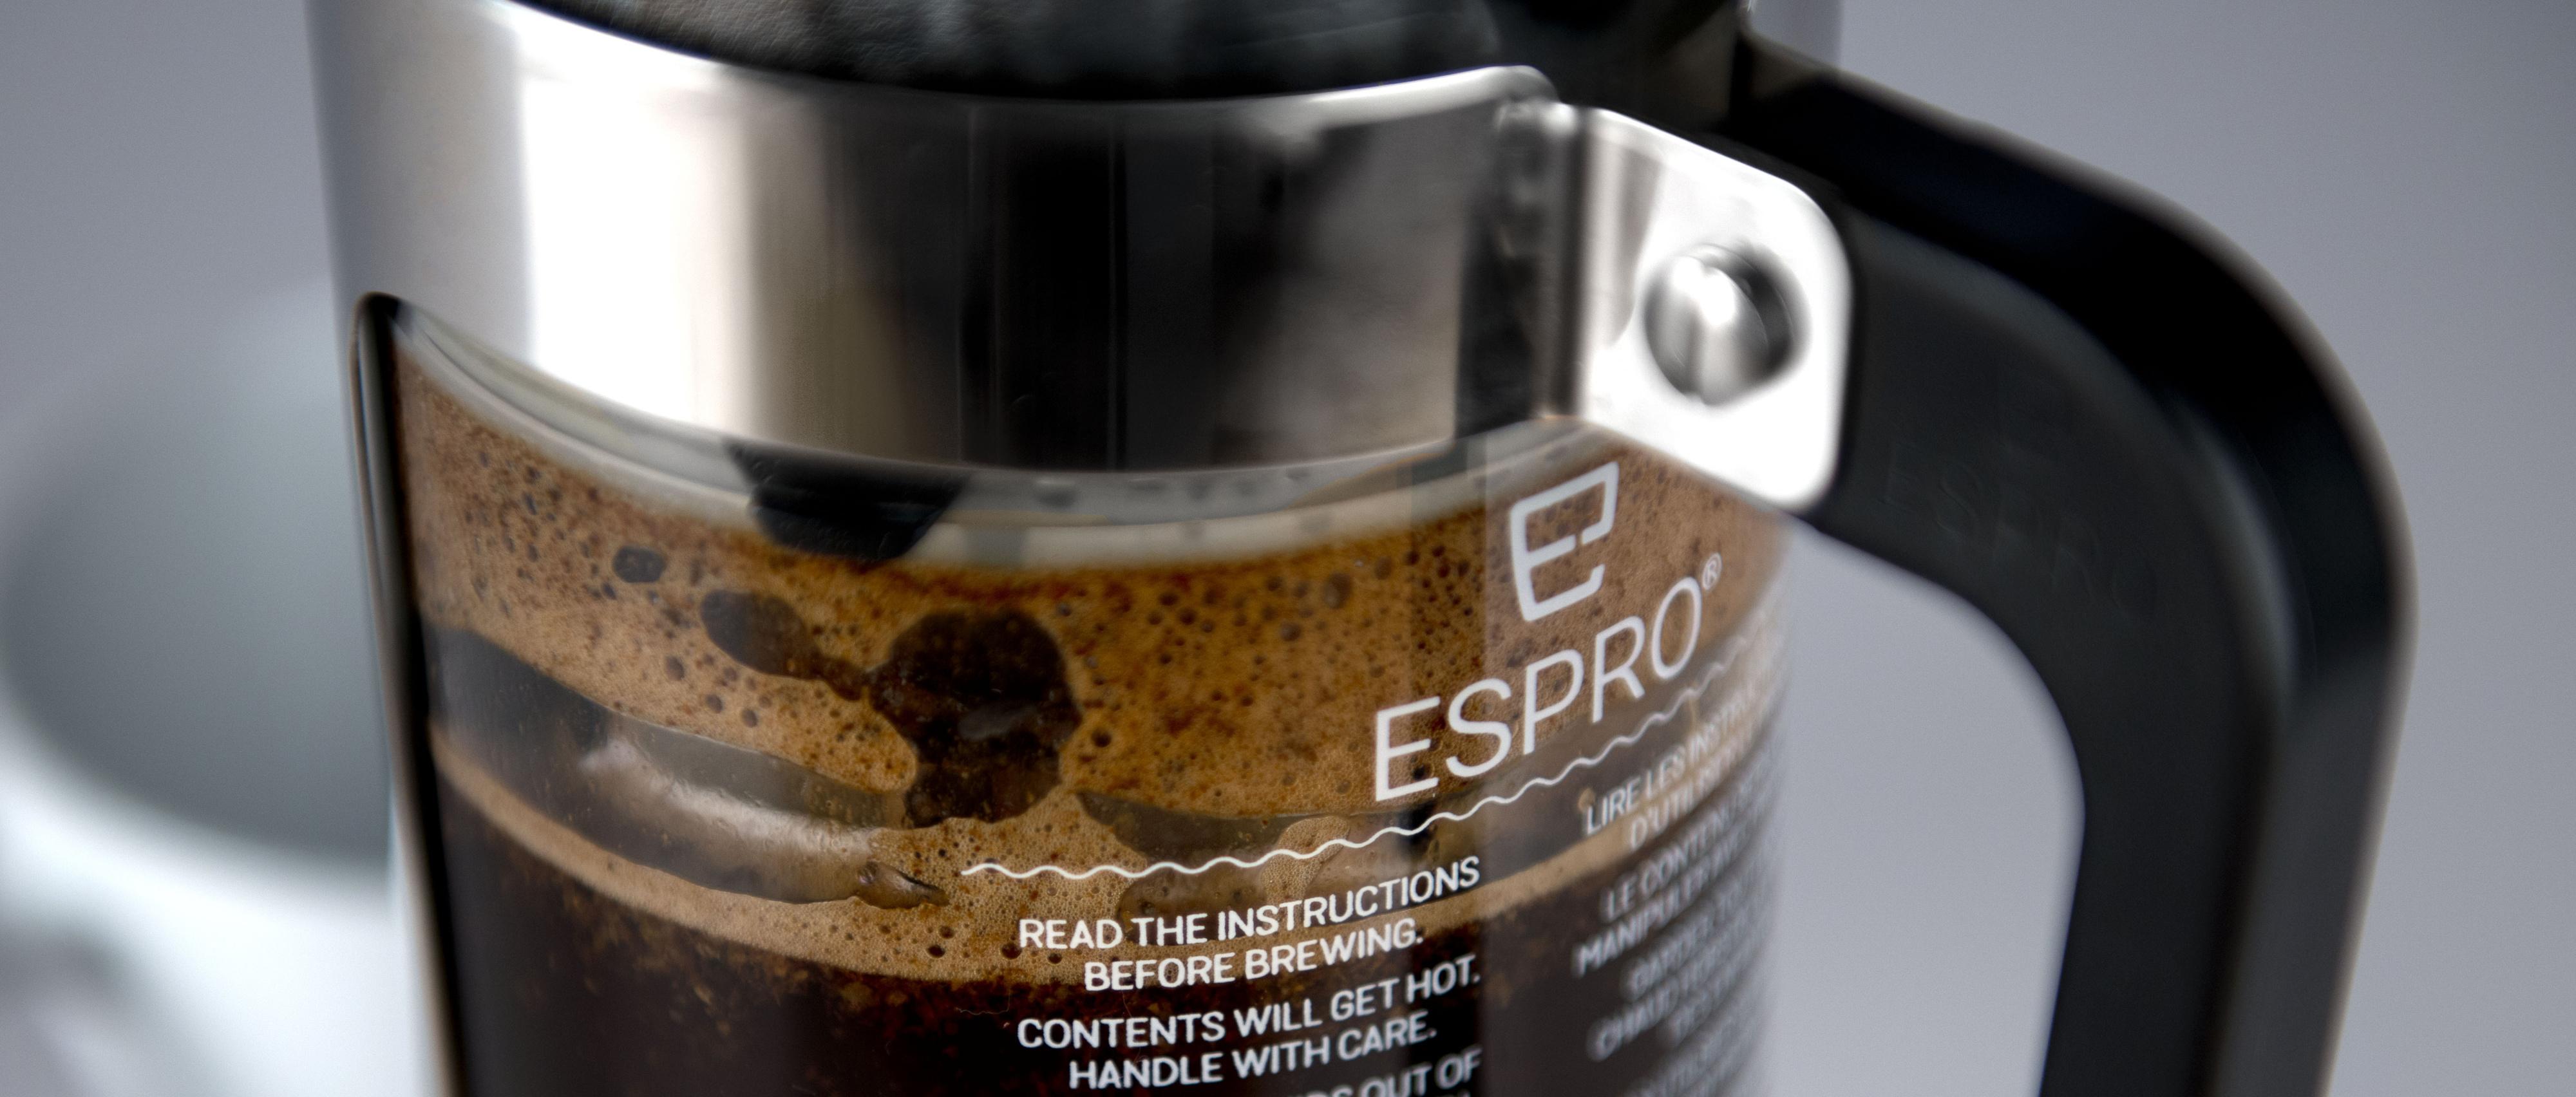 Espresso Valmistus